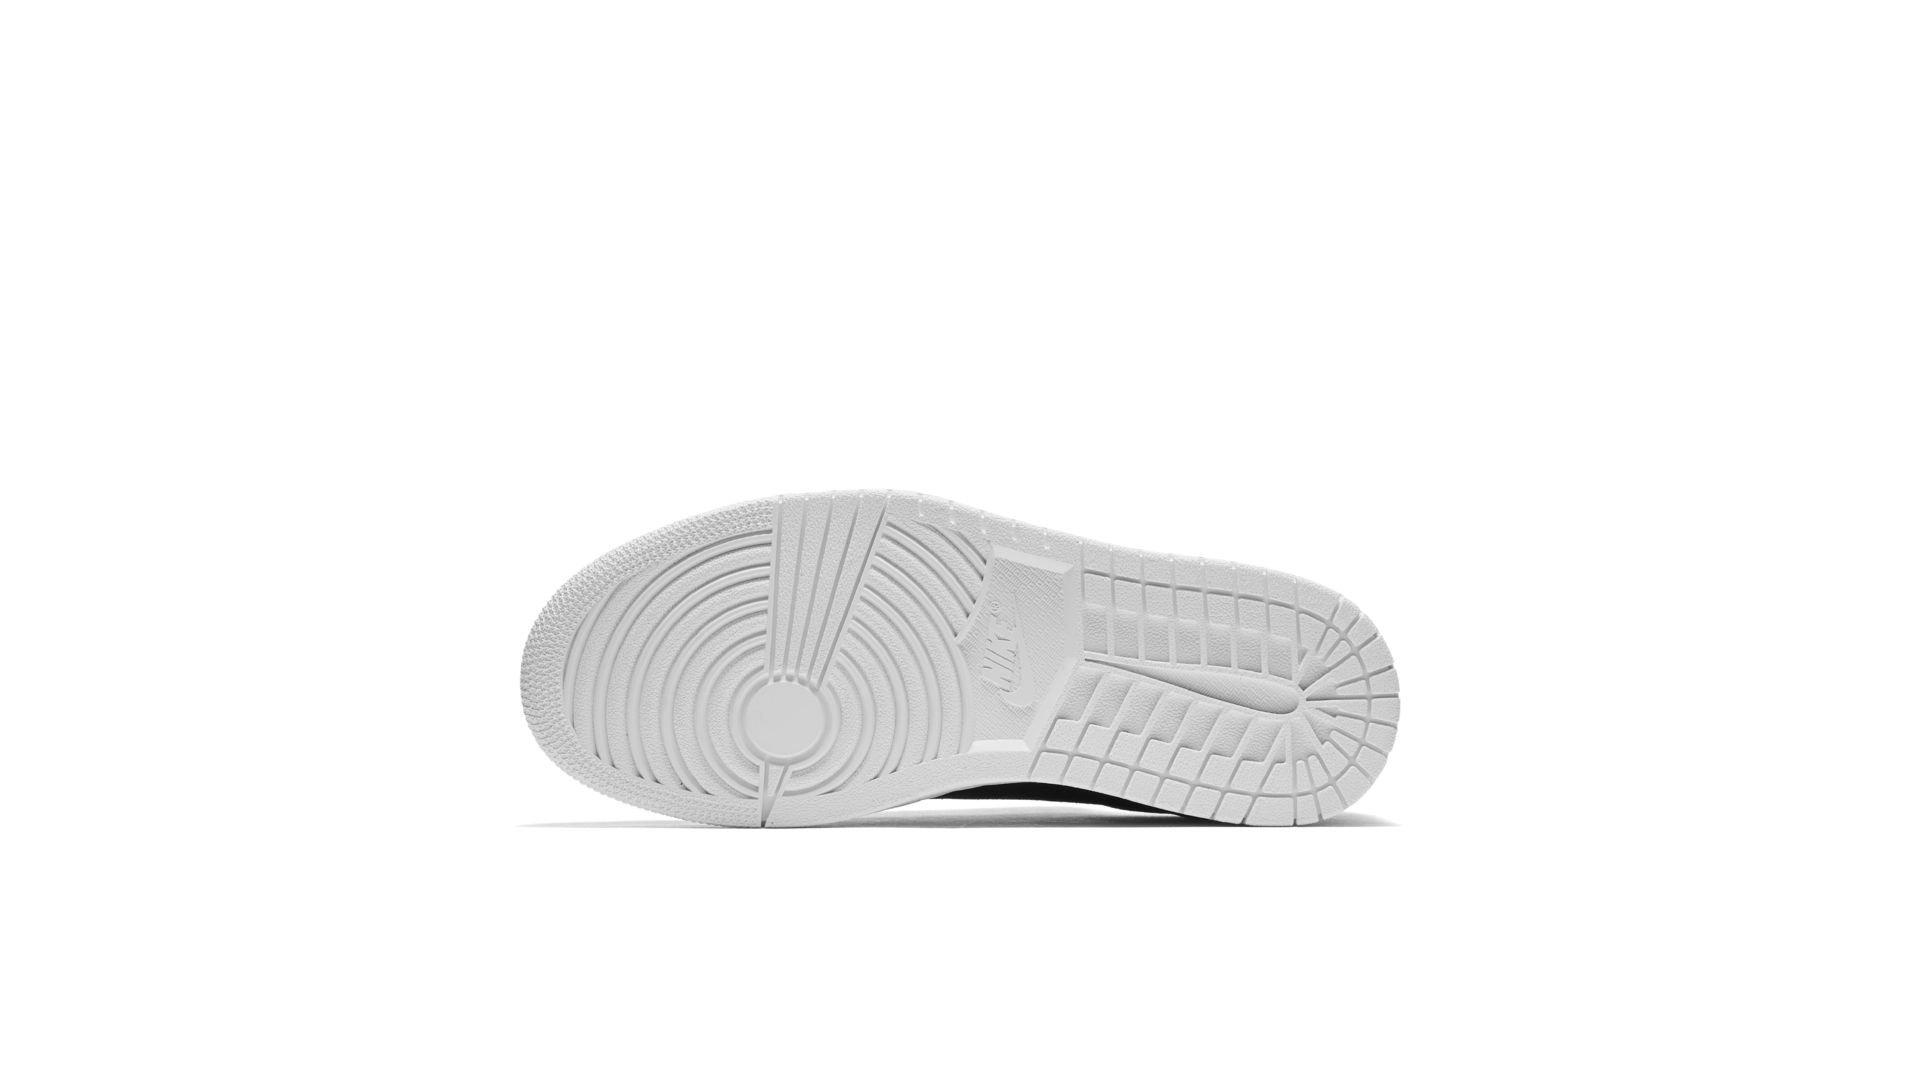 Jordan 1 Retro Low NS Black White (W) (AH7232-011)